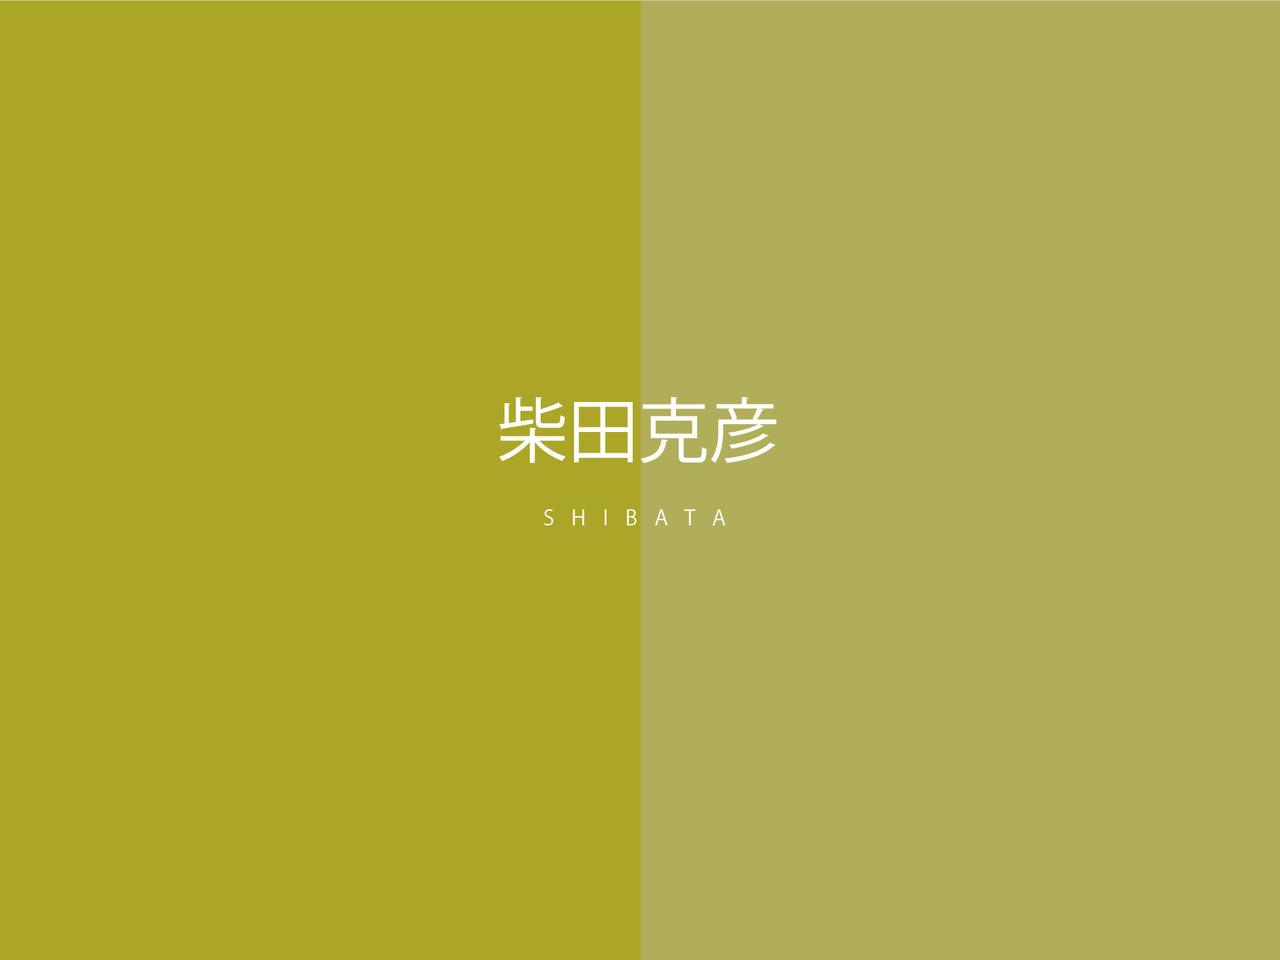 がんばろうナガノ! チャリティ・リレー・コンサート 2019年12月19日 銀座NAGANO2階イベントスペース